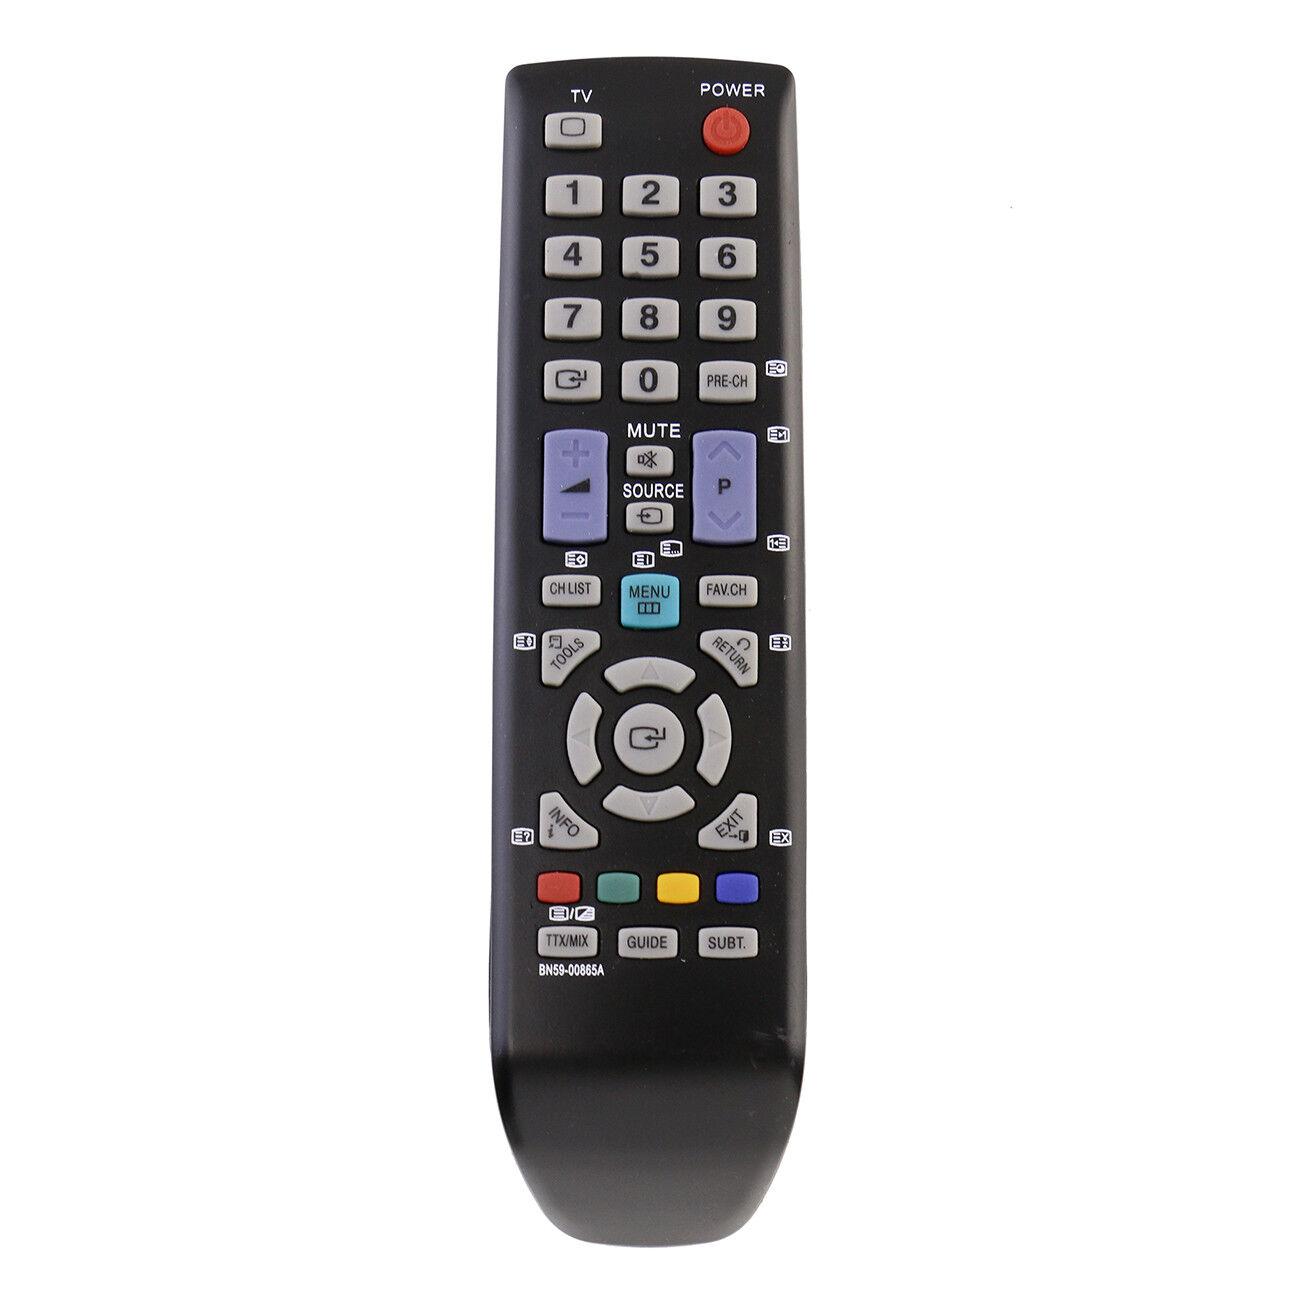 Nuevo Reemplazar el mando a distancia BN59-00865A para Samsung TV